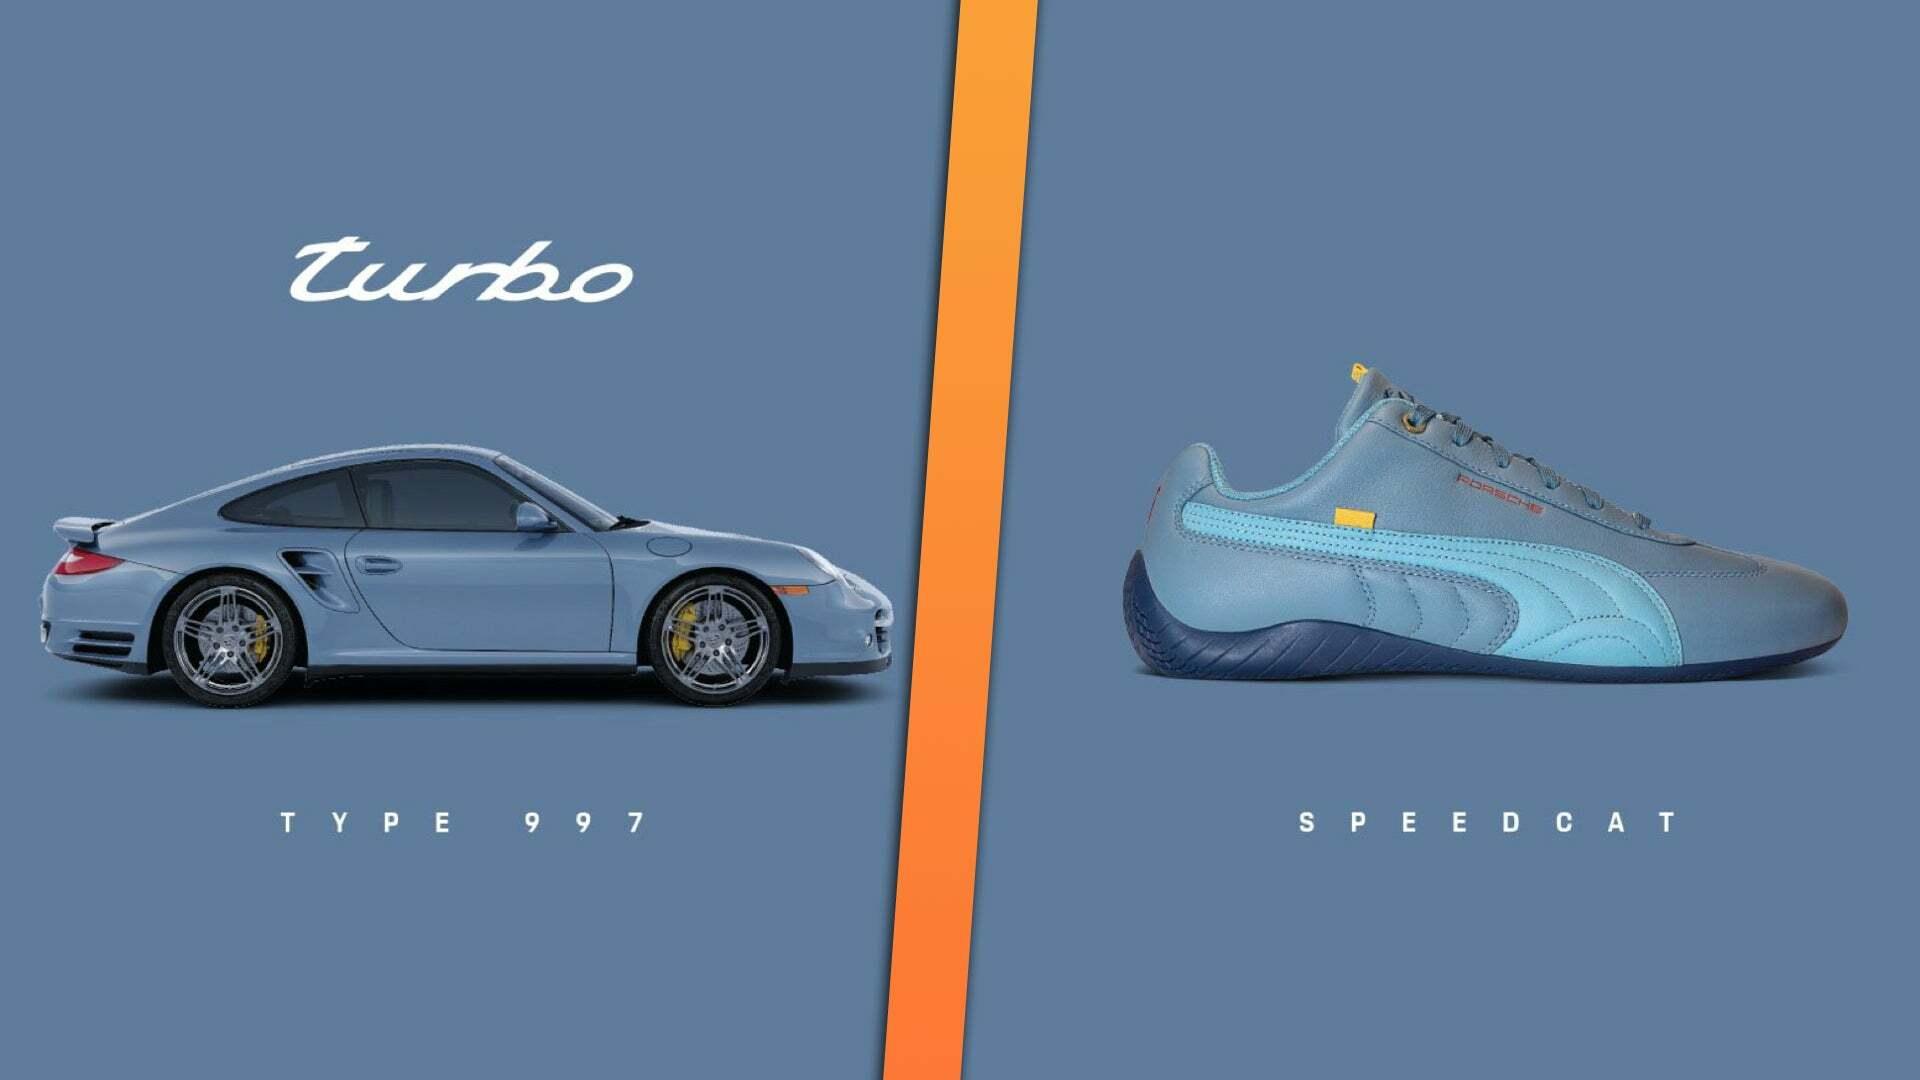 Tampilan mobil Porsche 911 Turbo dan sepatu hasil kolaborasi dengan Puma